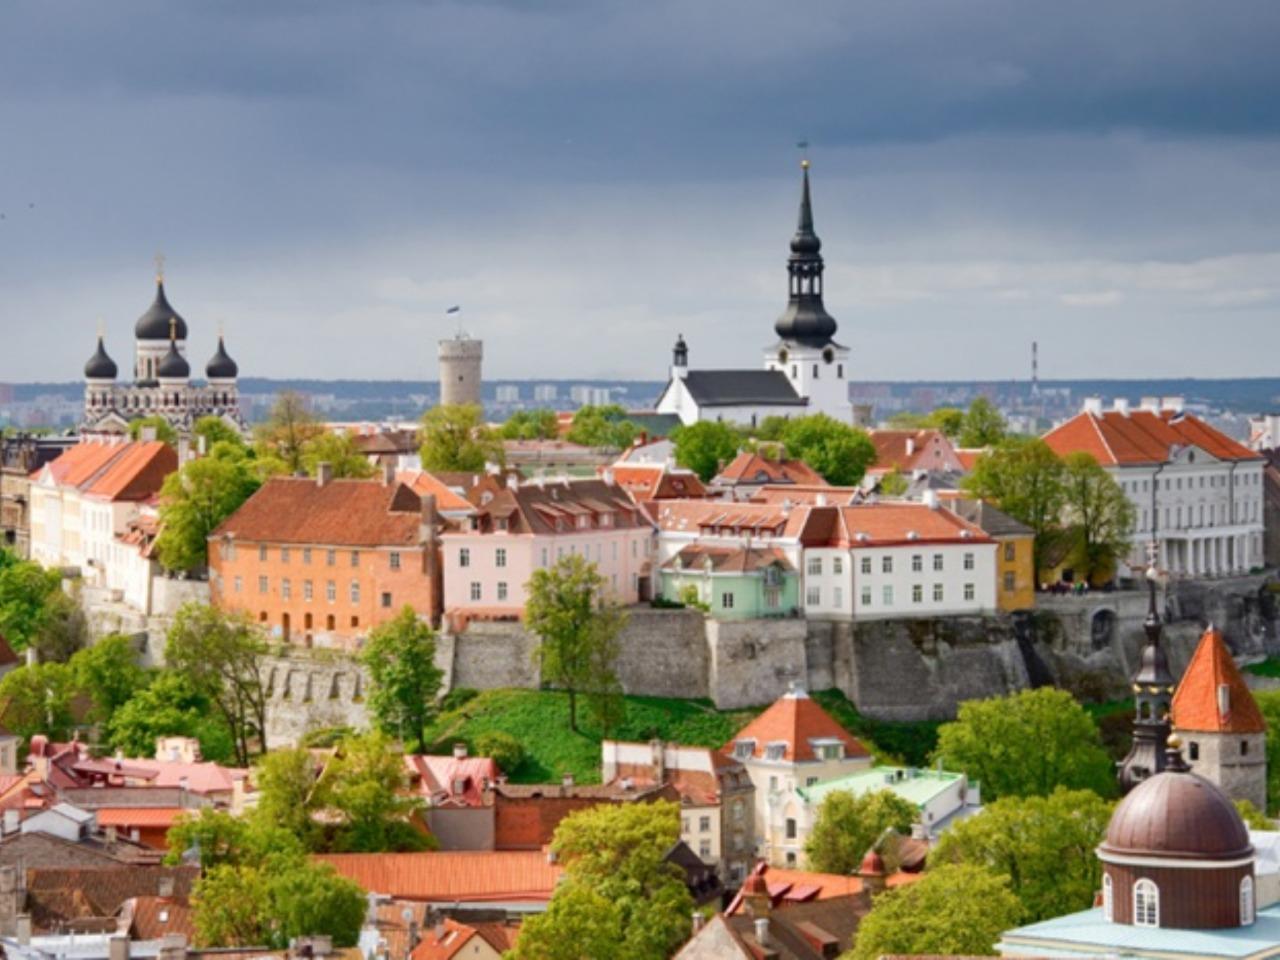 Путешествие во времени или Эстония 100 лет назад - групповая экскурсия в Таллине от опытного гида